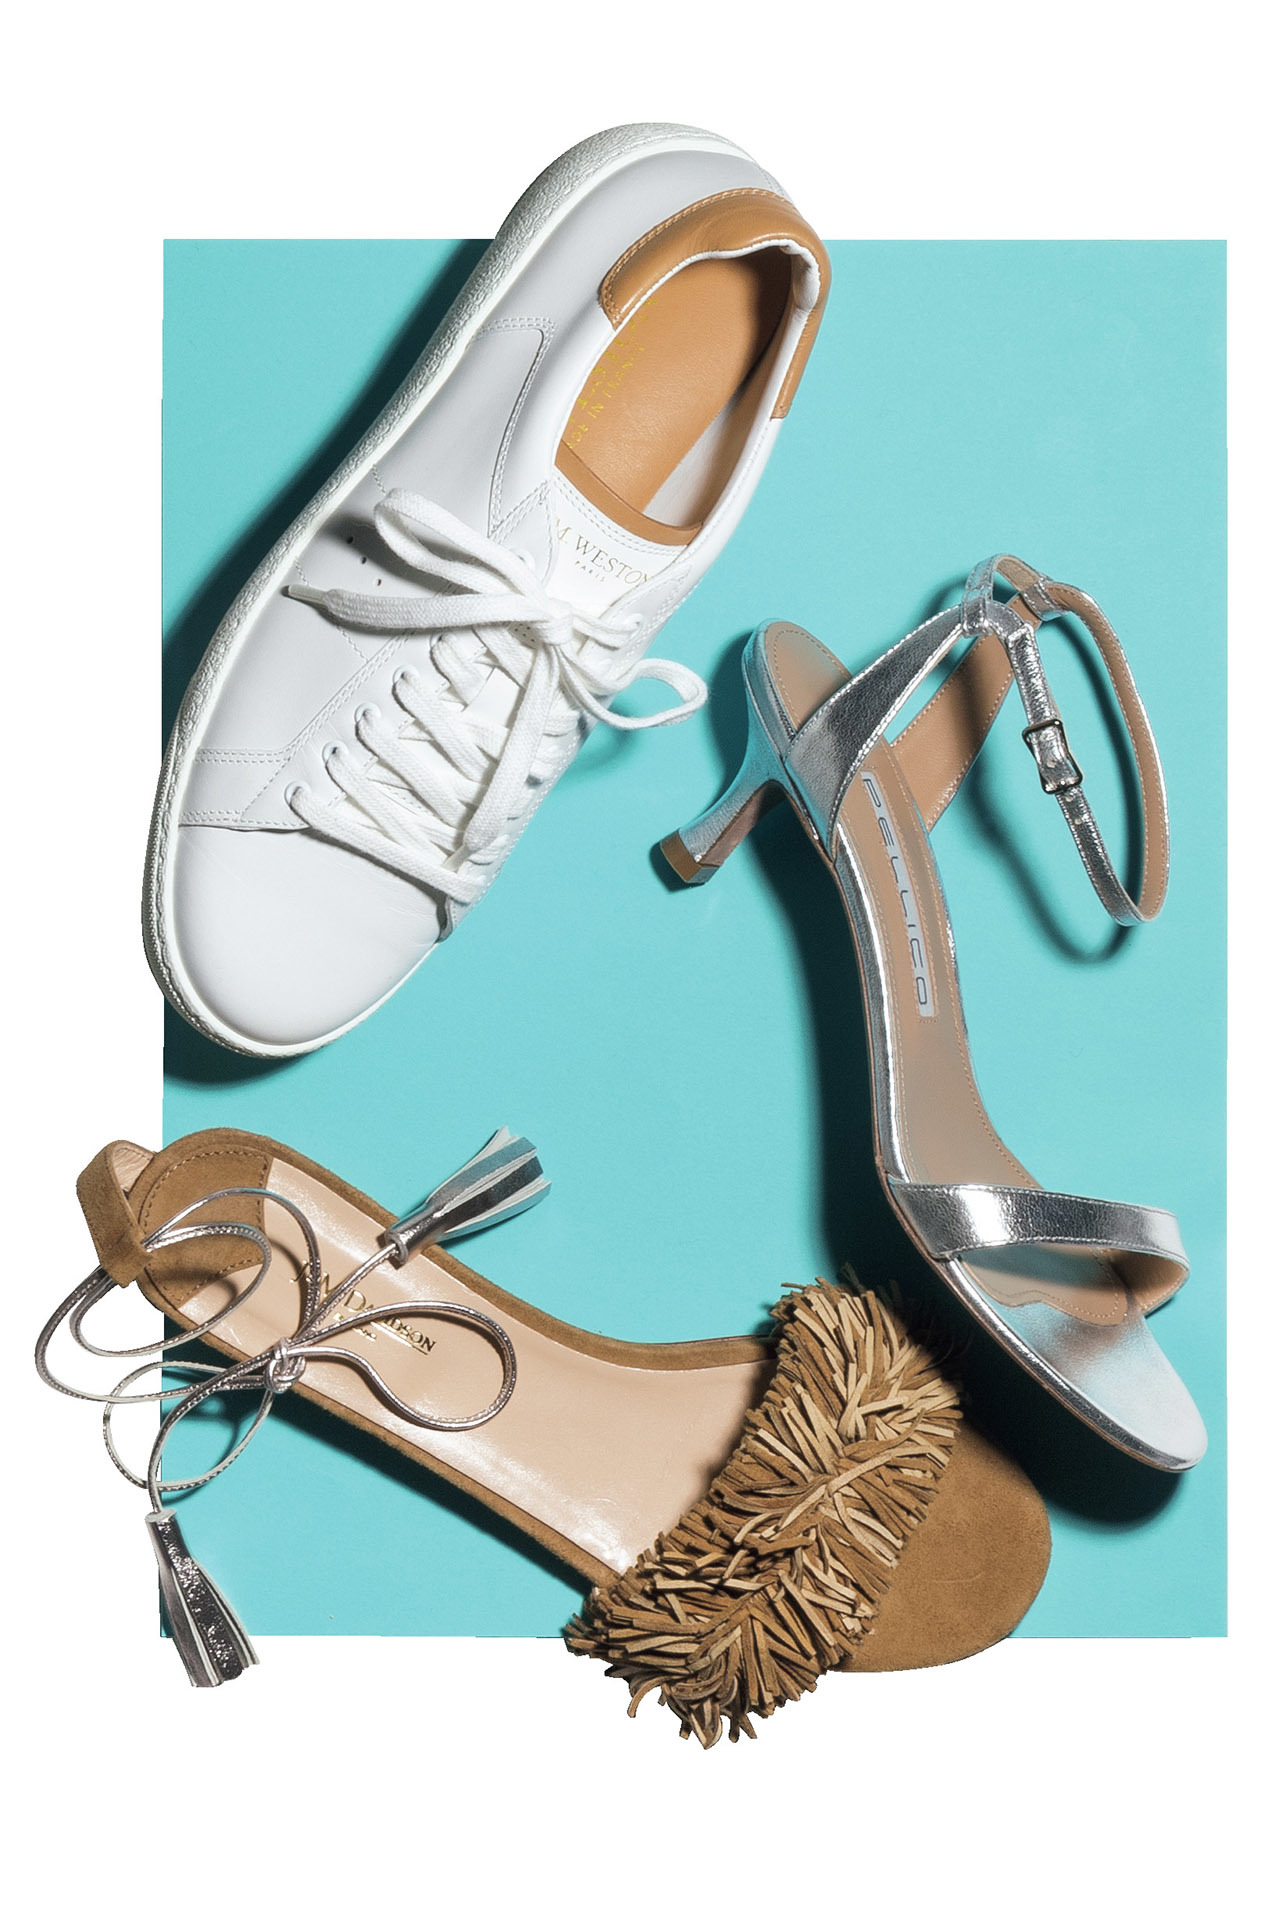 エクラ世代の初夏の足元、ちょっと甘めテイストに合うのはこんな靴! 五選_1_1-3